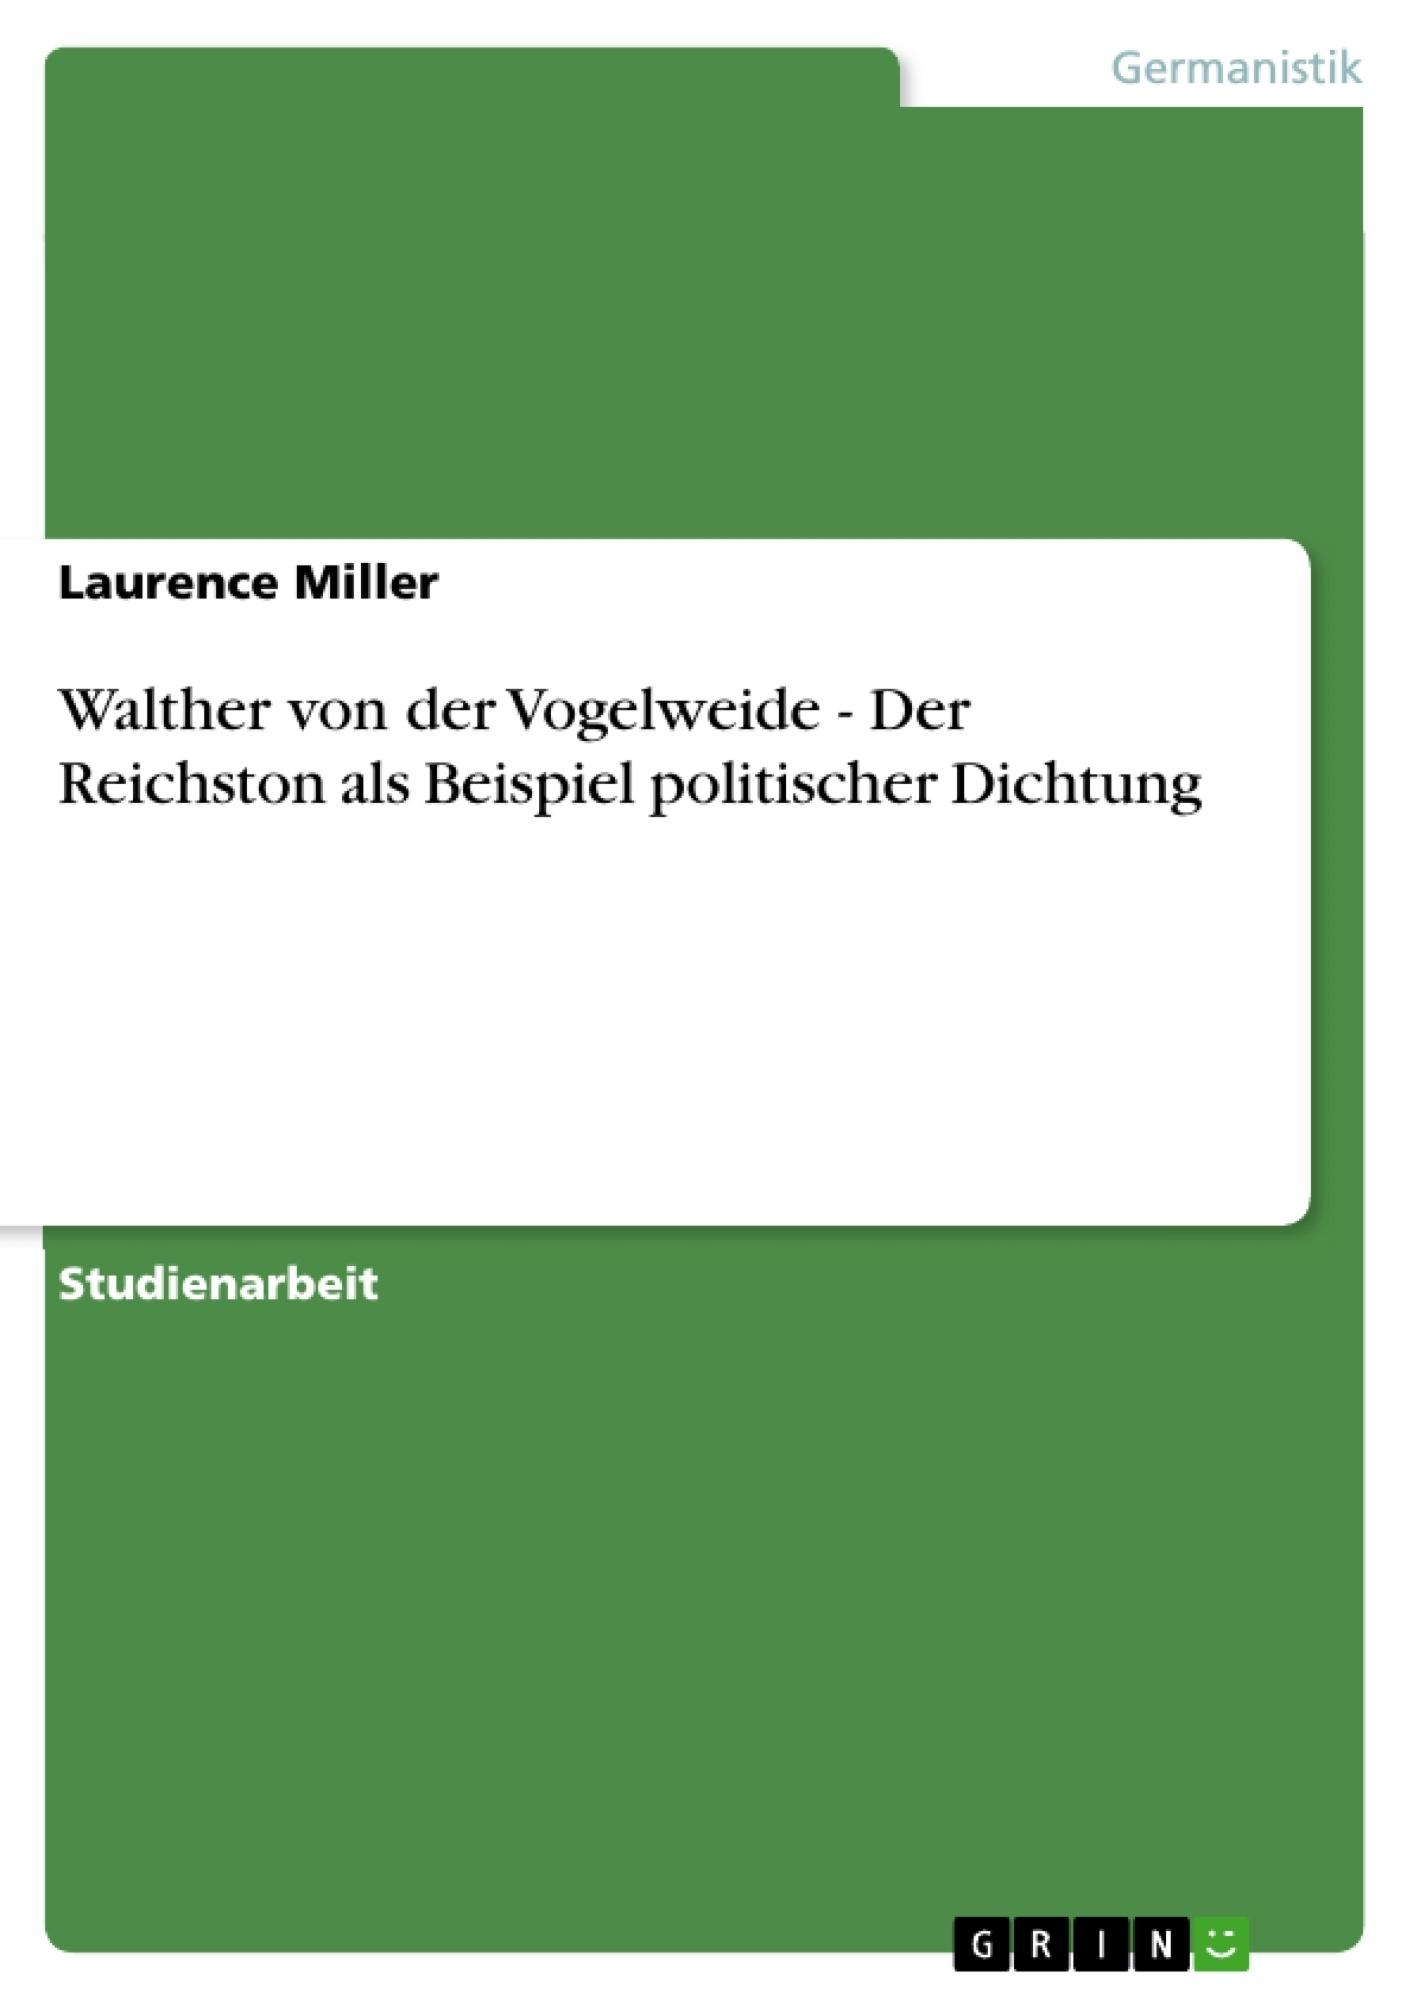 Titel: Walther von der Vogelweide - Der Reichston als Beispiel politischer Dichtung